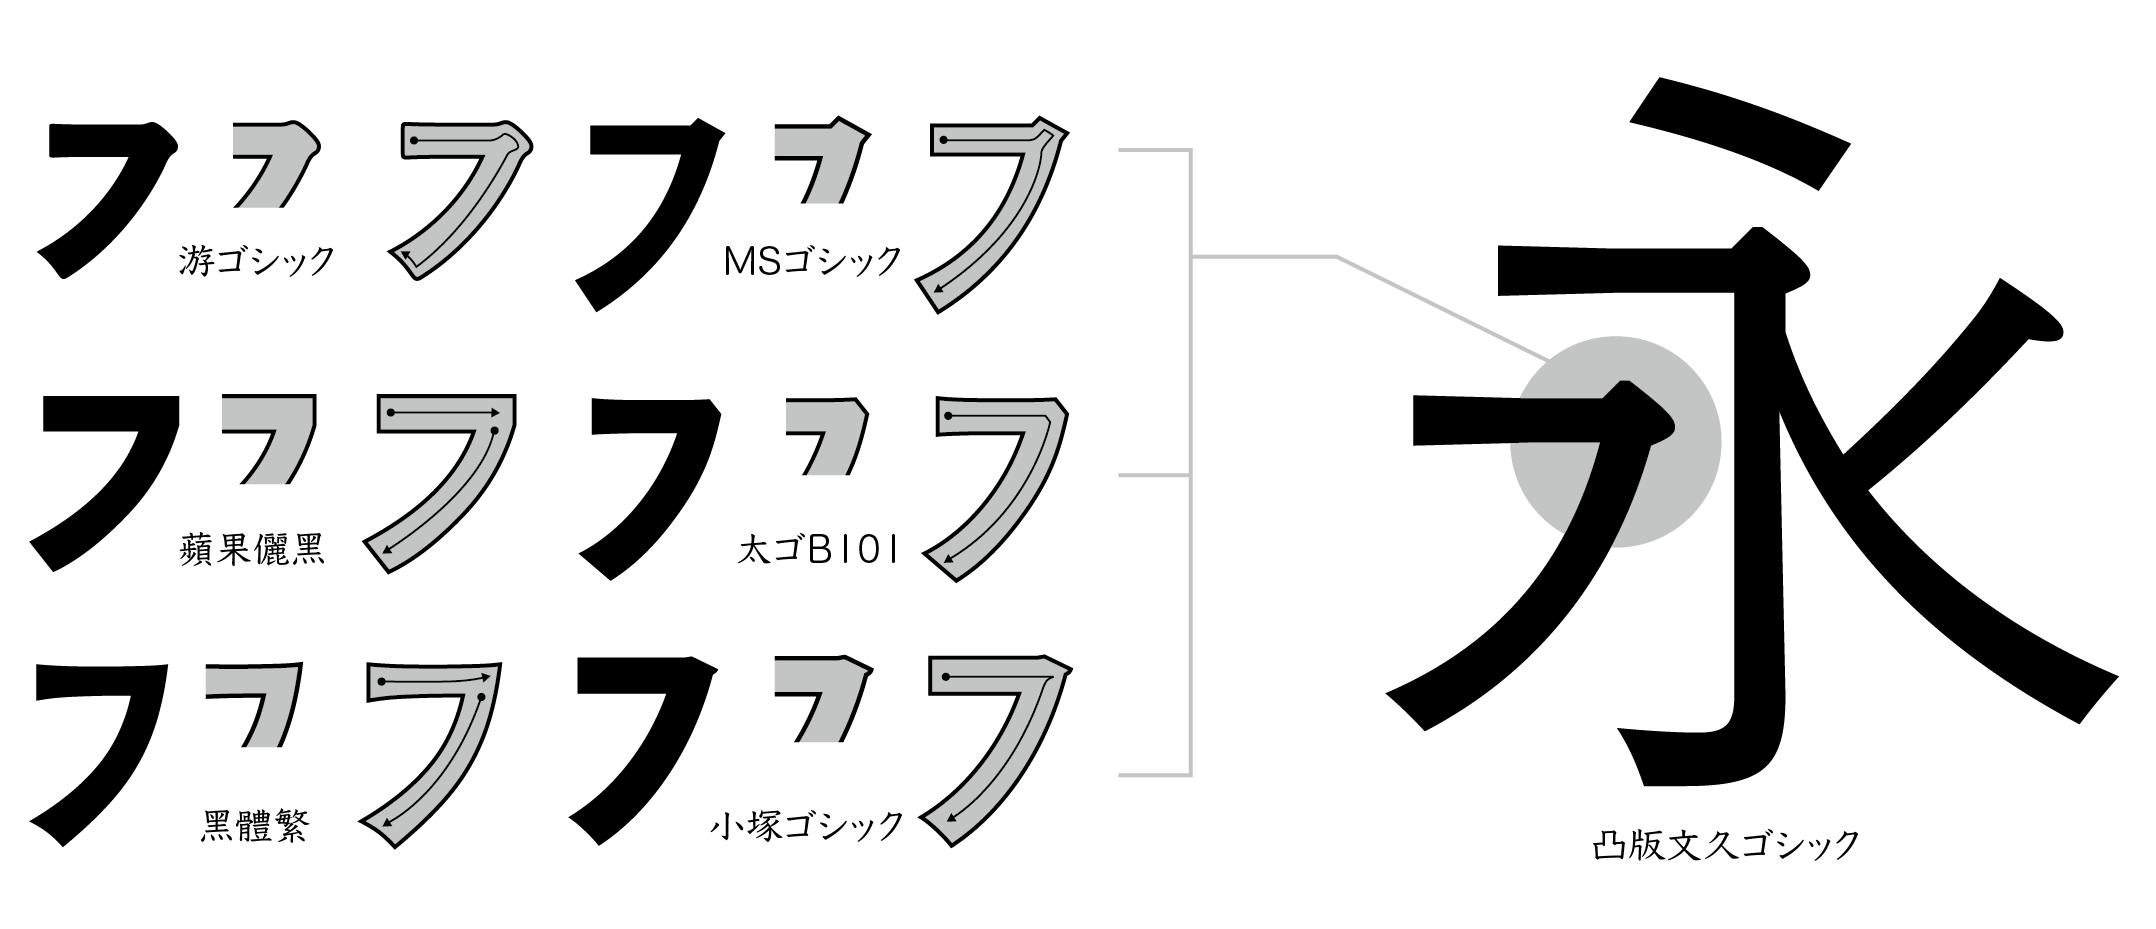 【習字】字體學習方法:入門篇. 習字第一步:養成觀察字體的習慣   by Tseng GoRong   Medium